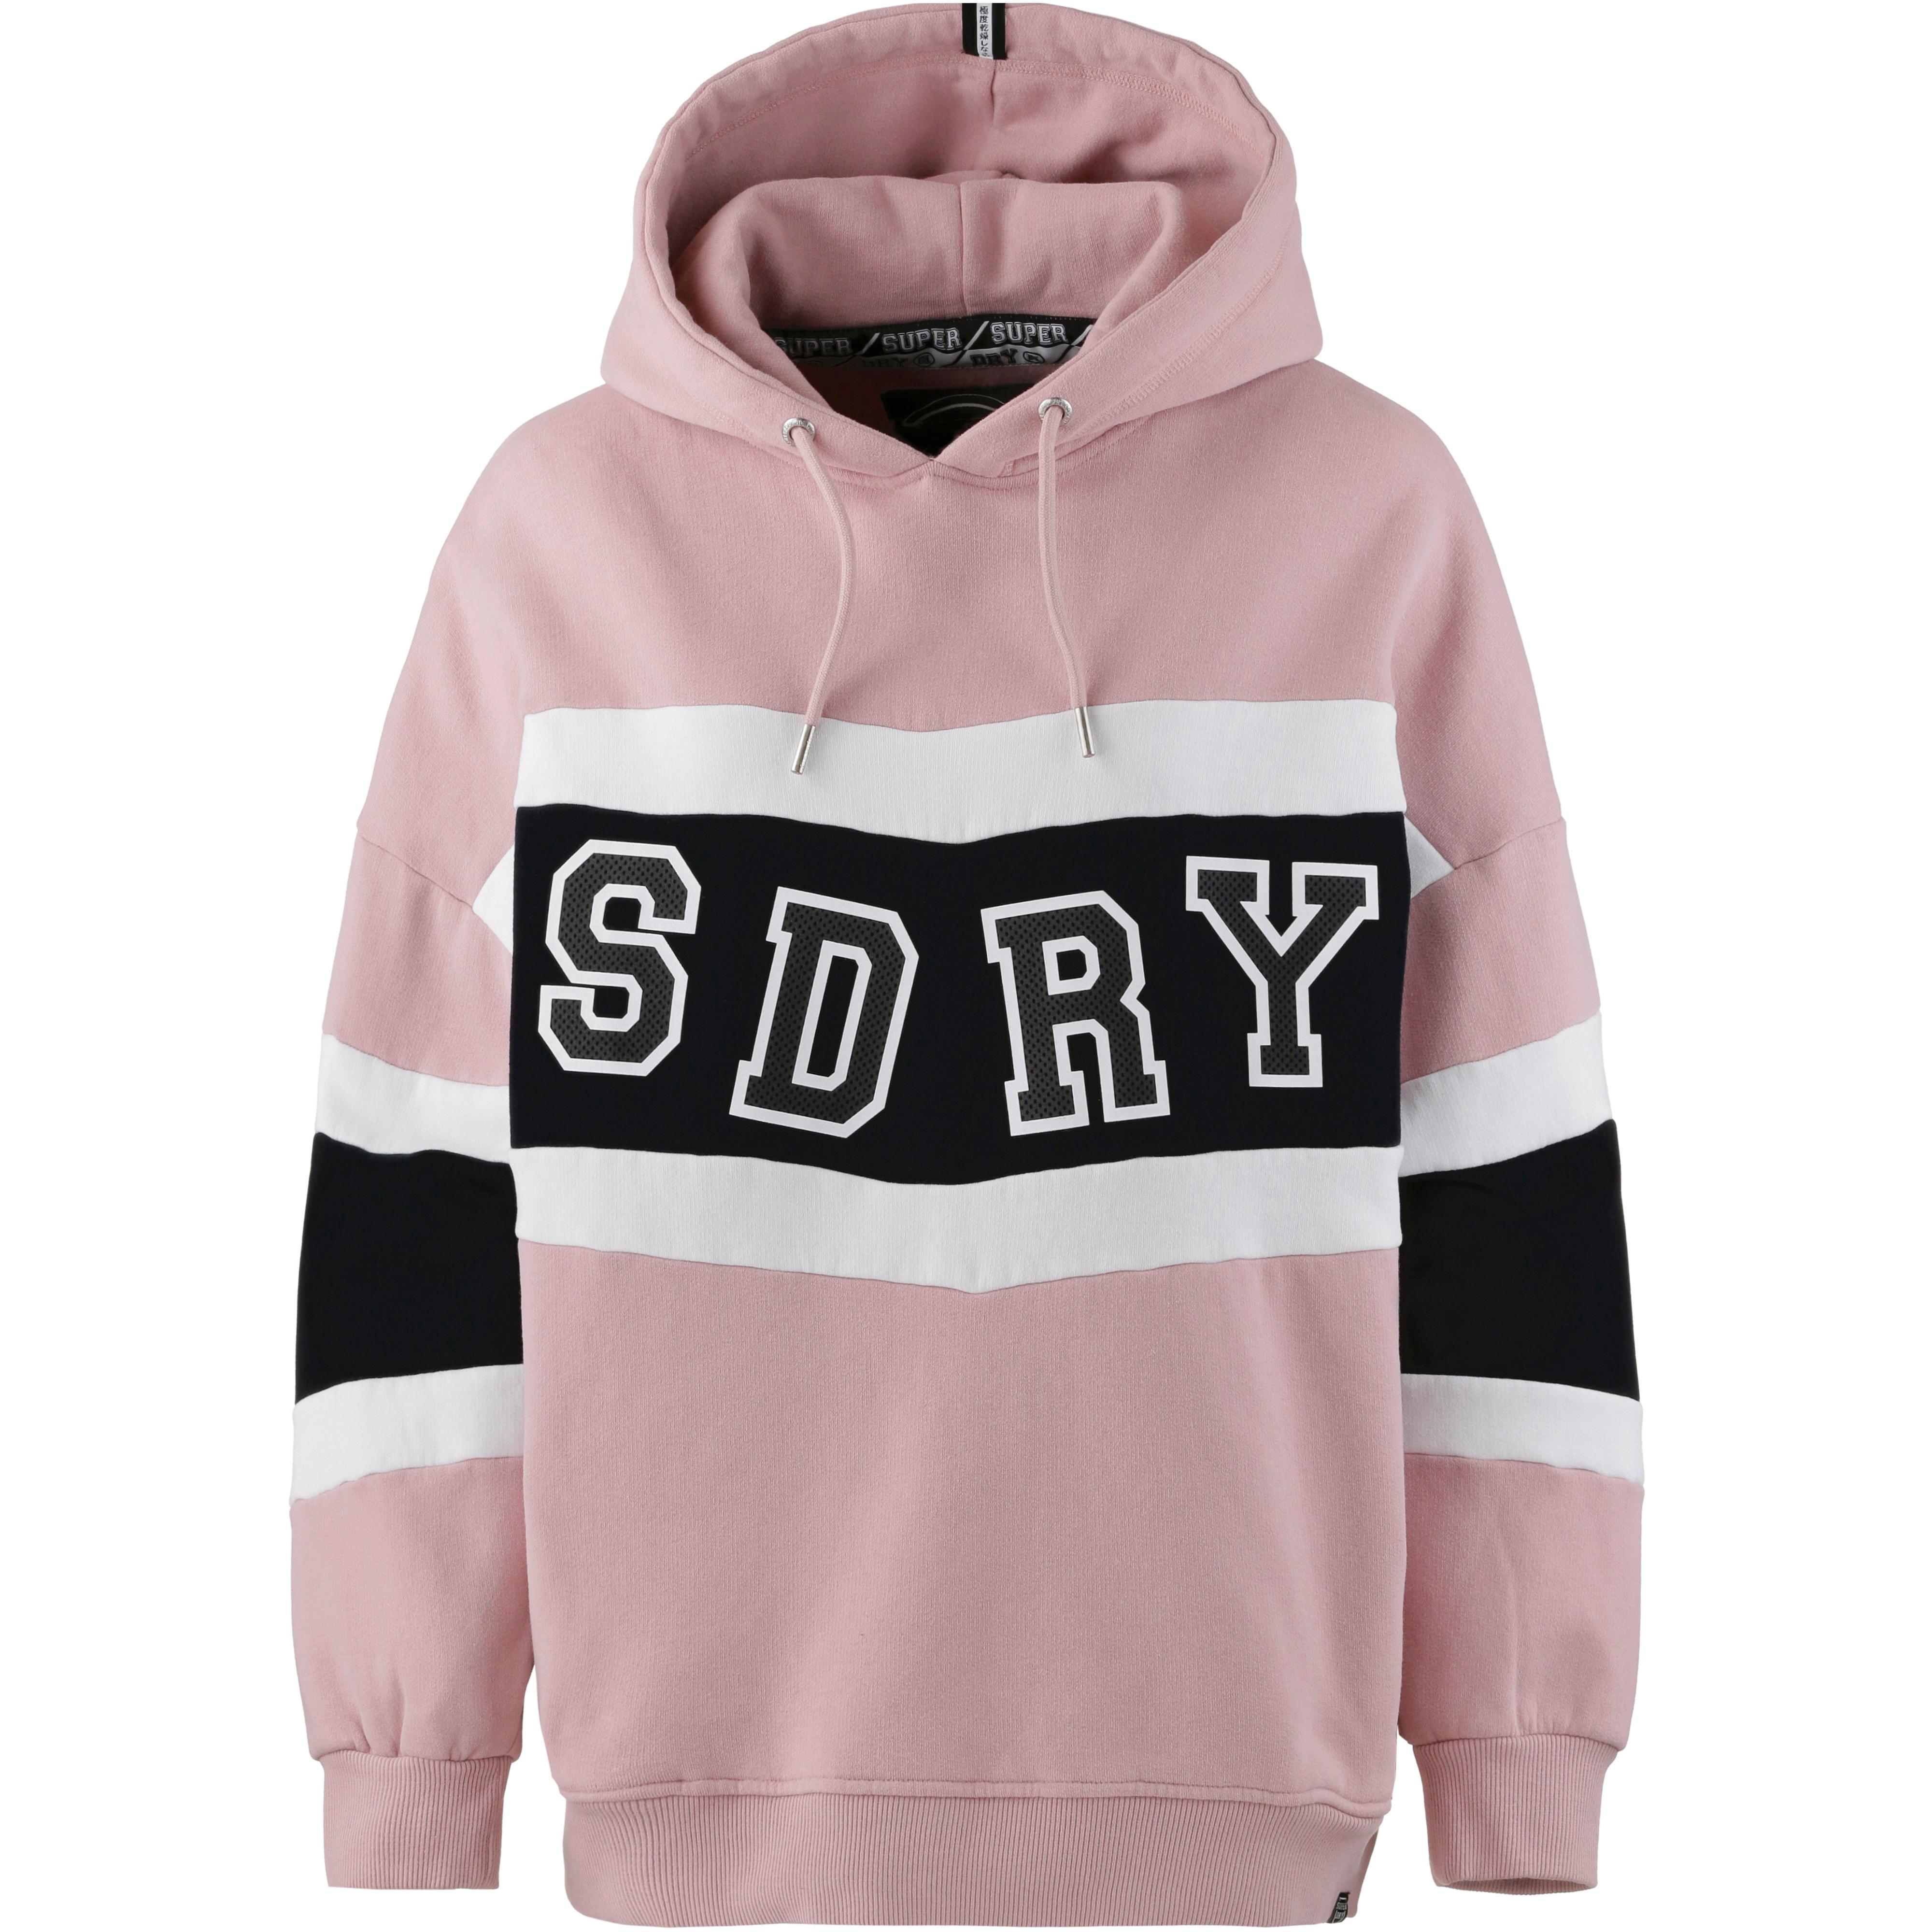 superdry shop aktuelle superdry trends online bei sportscheck kaufen  neu superdry hoodie damen brooke pink